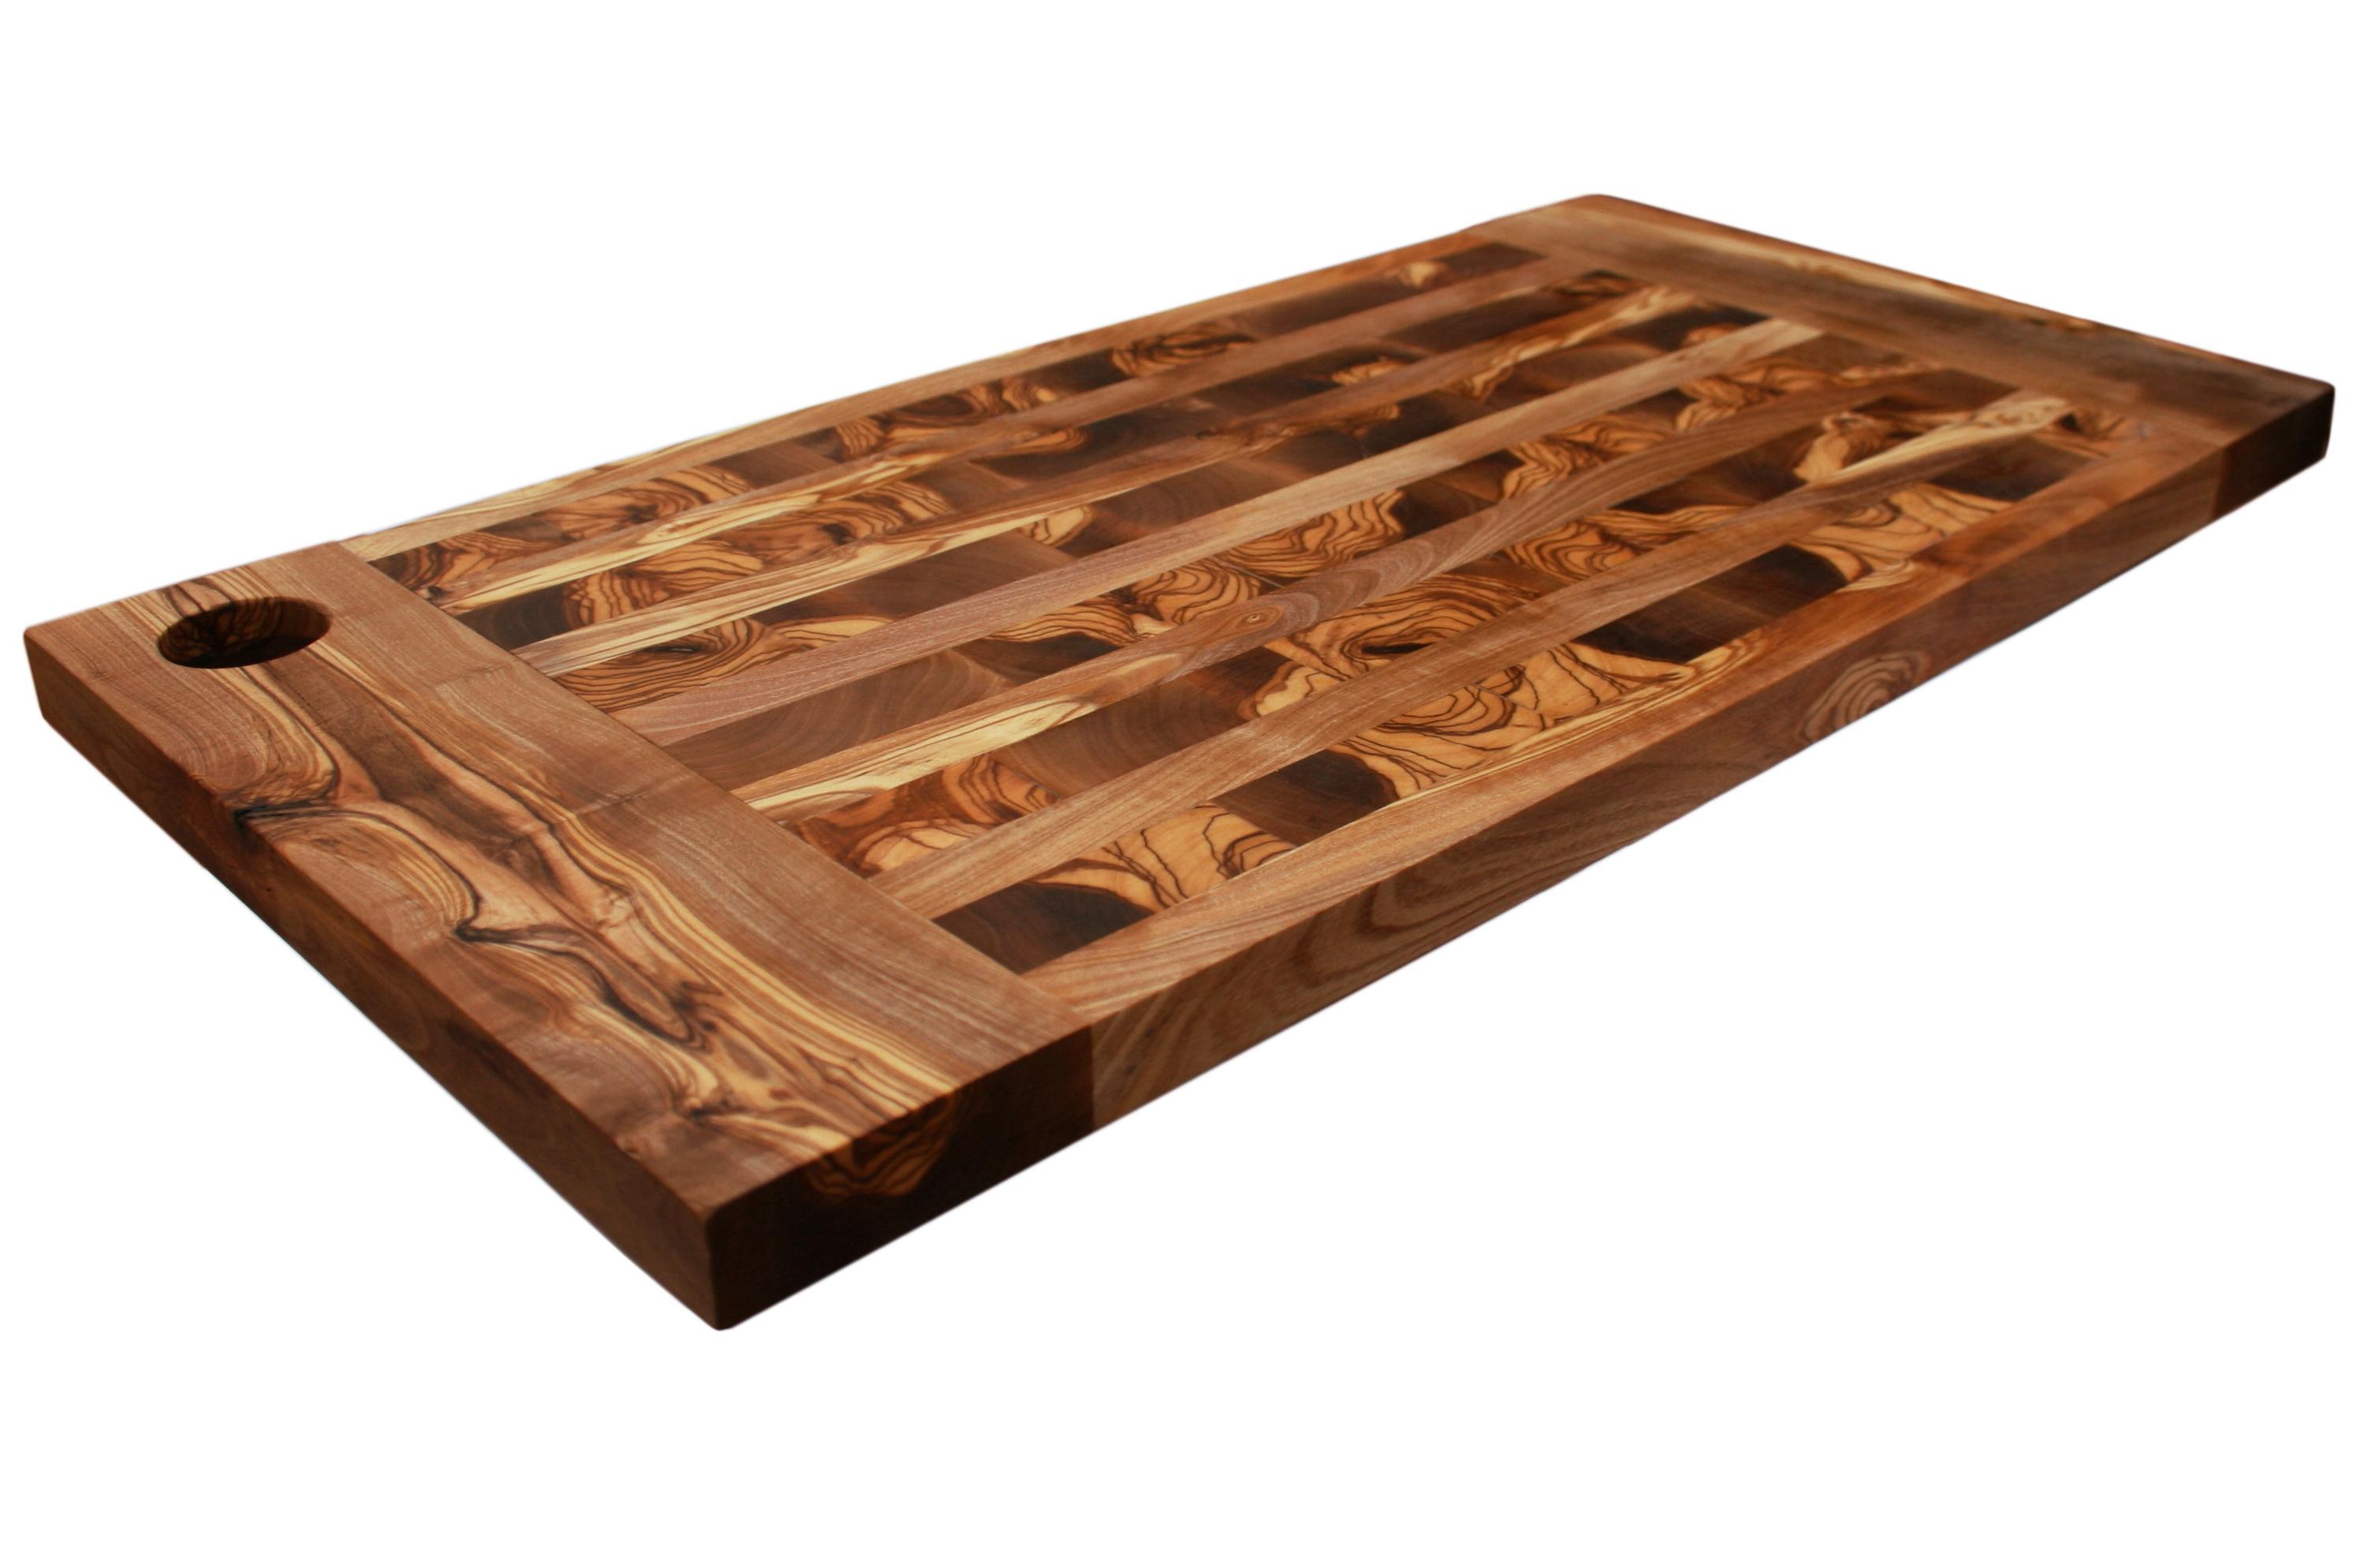 Mesa de corte madera barata fabulous mesa de corte madera - Tablas de madera baratas ...